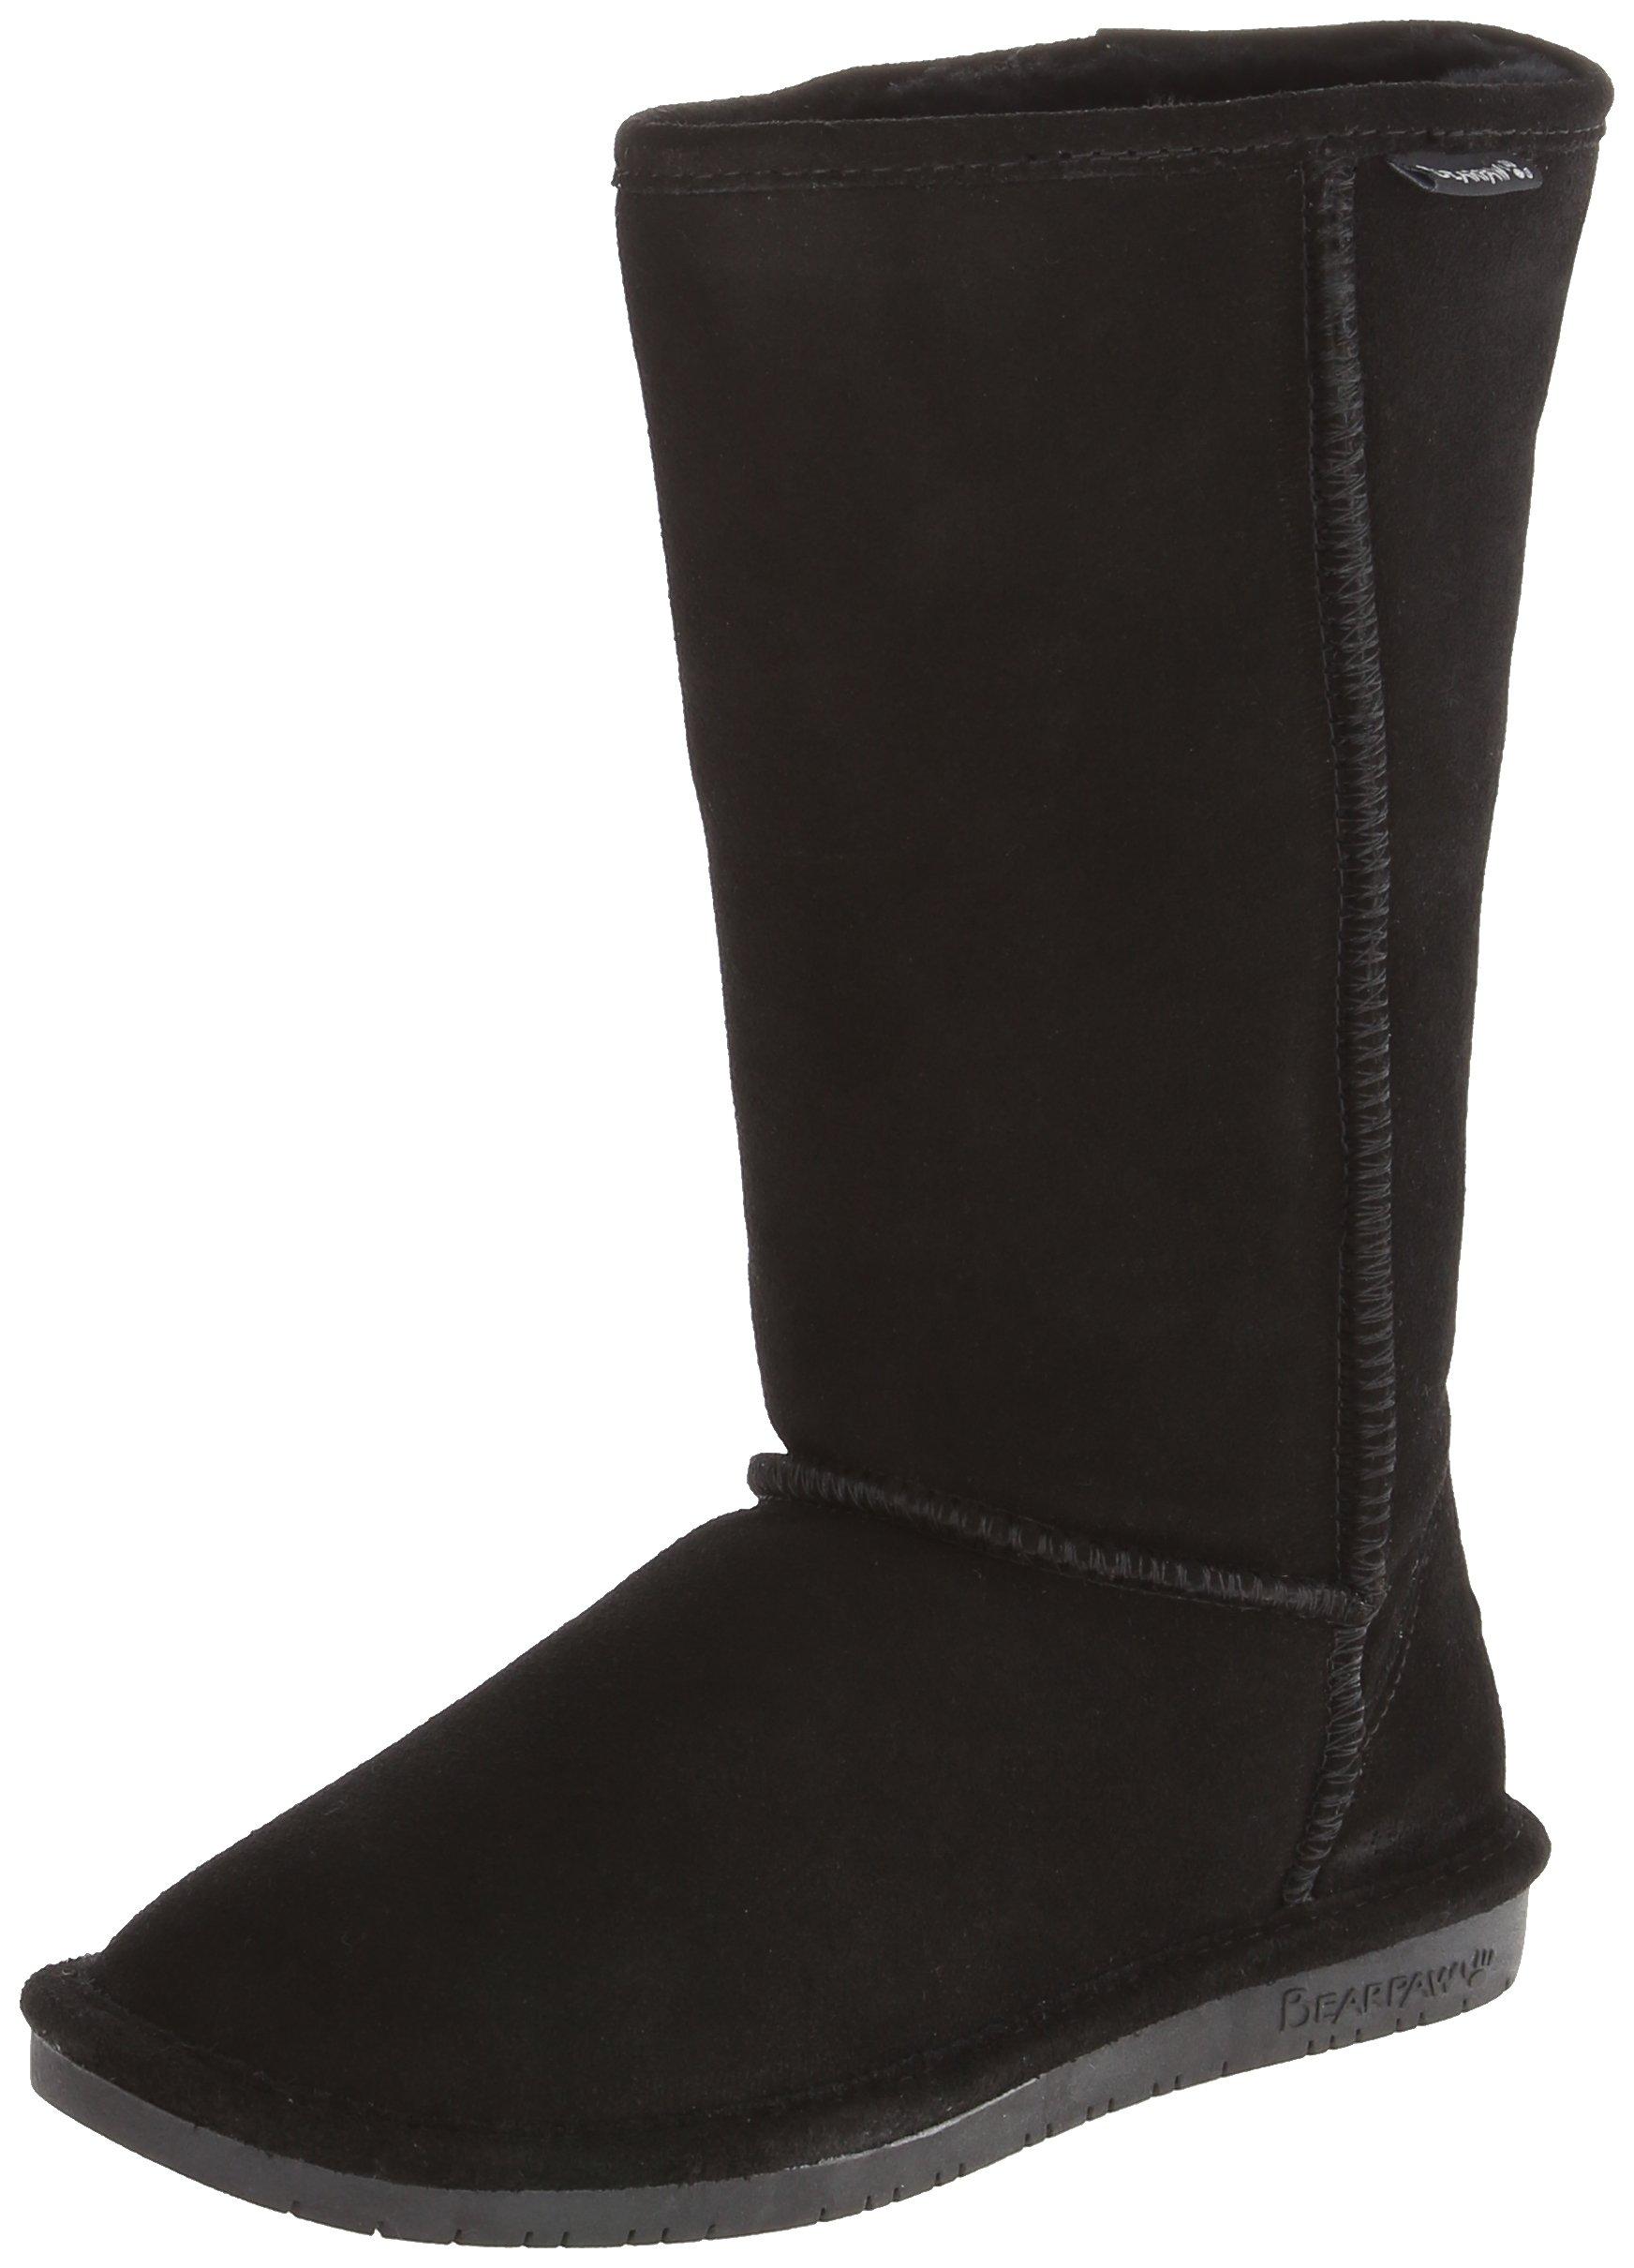 BEARPAW Women's Emma Tall 612-W Boot,Black,8 M US